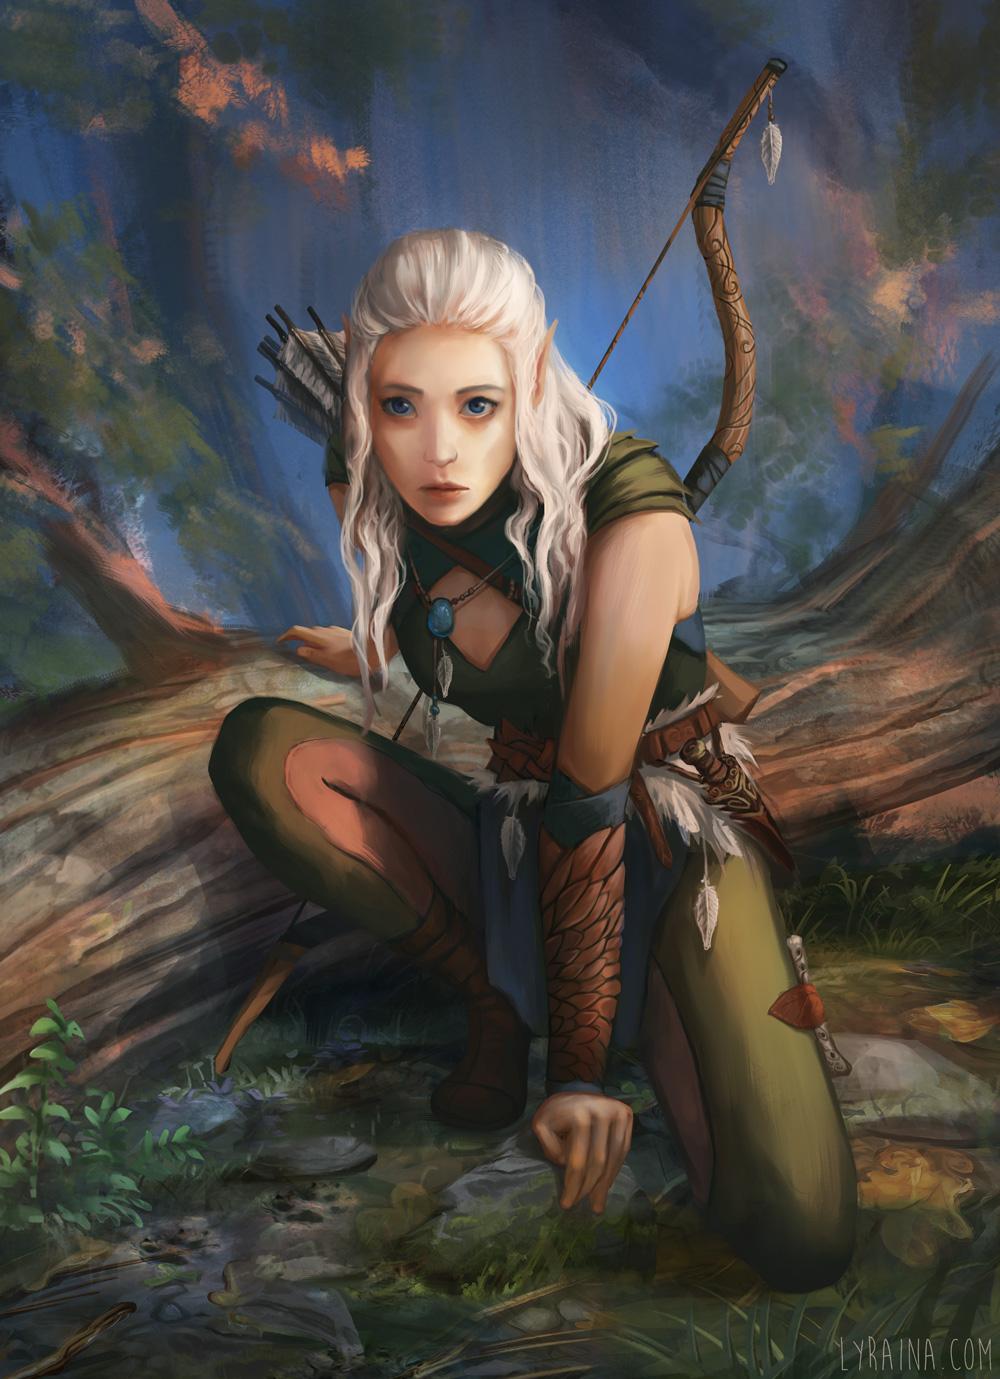 Фото Белокурая эльфийка с луком и стрелами в лесу, by Lyraina